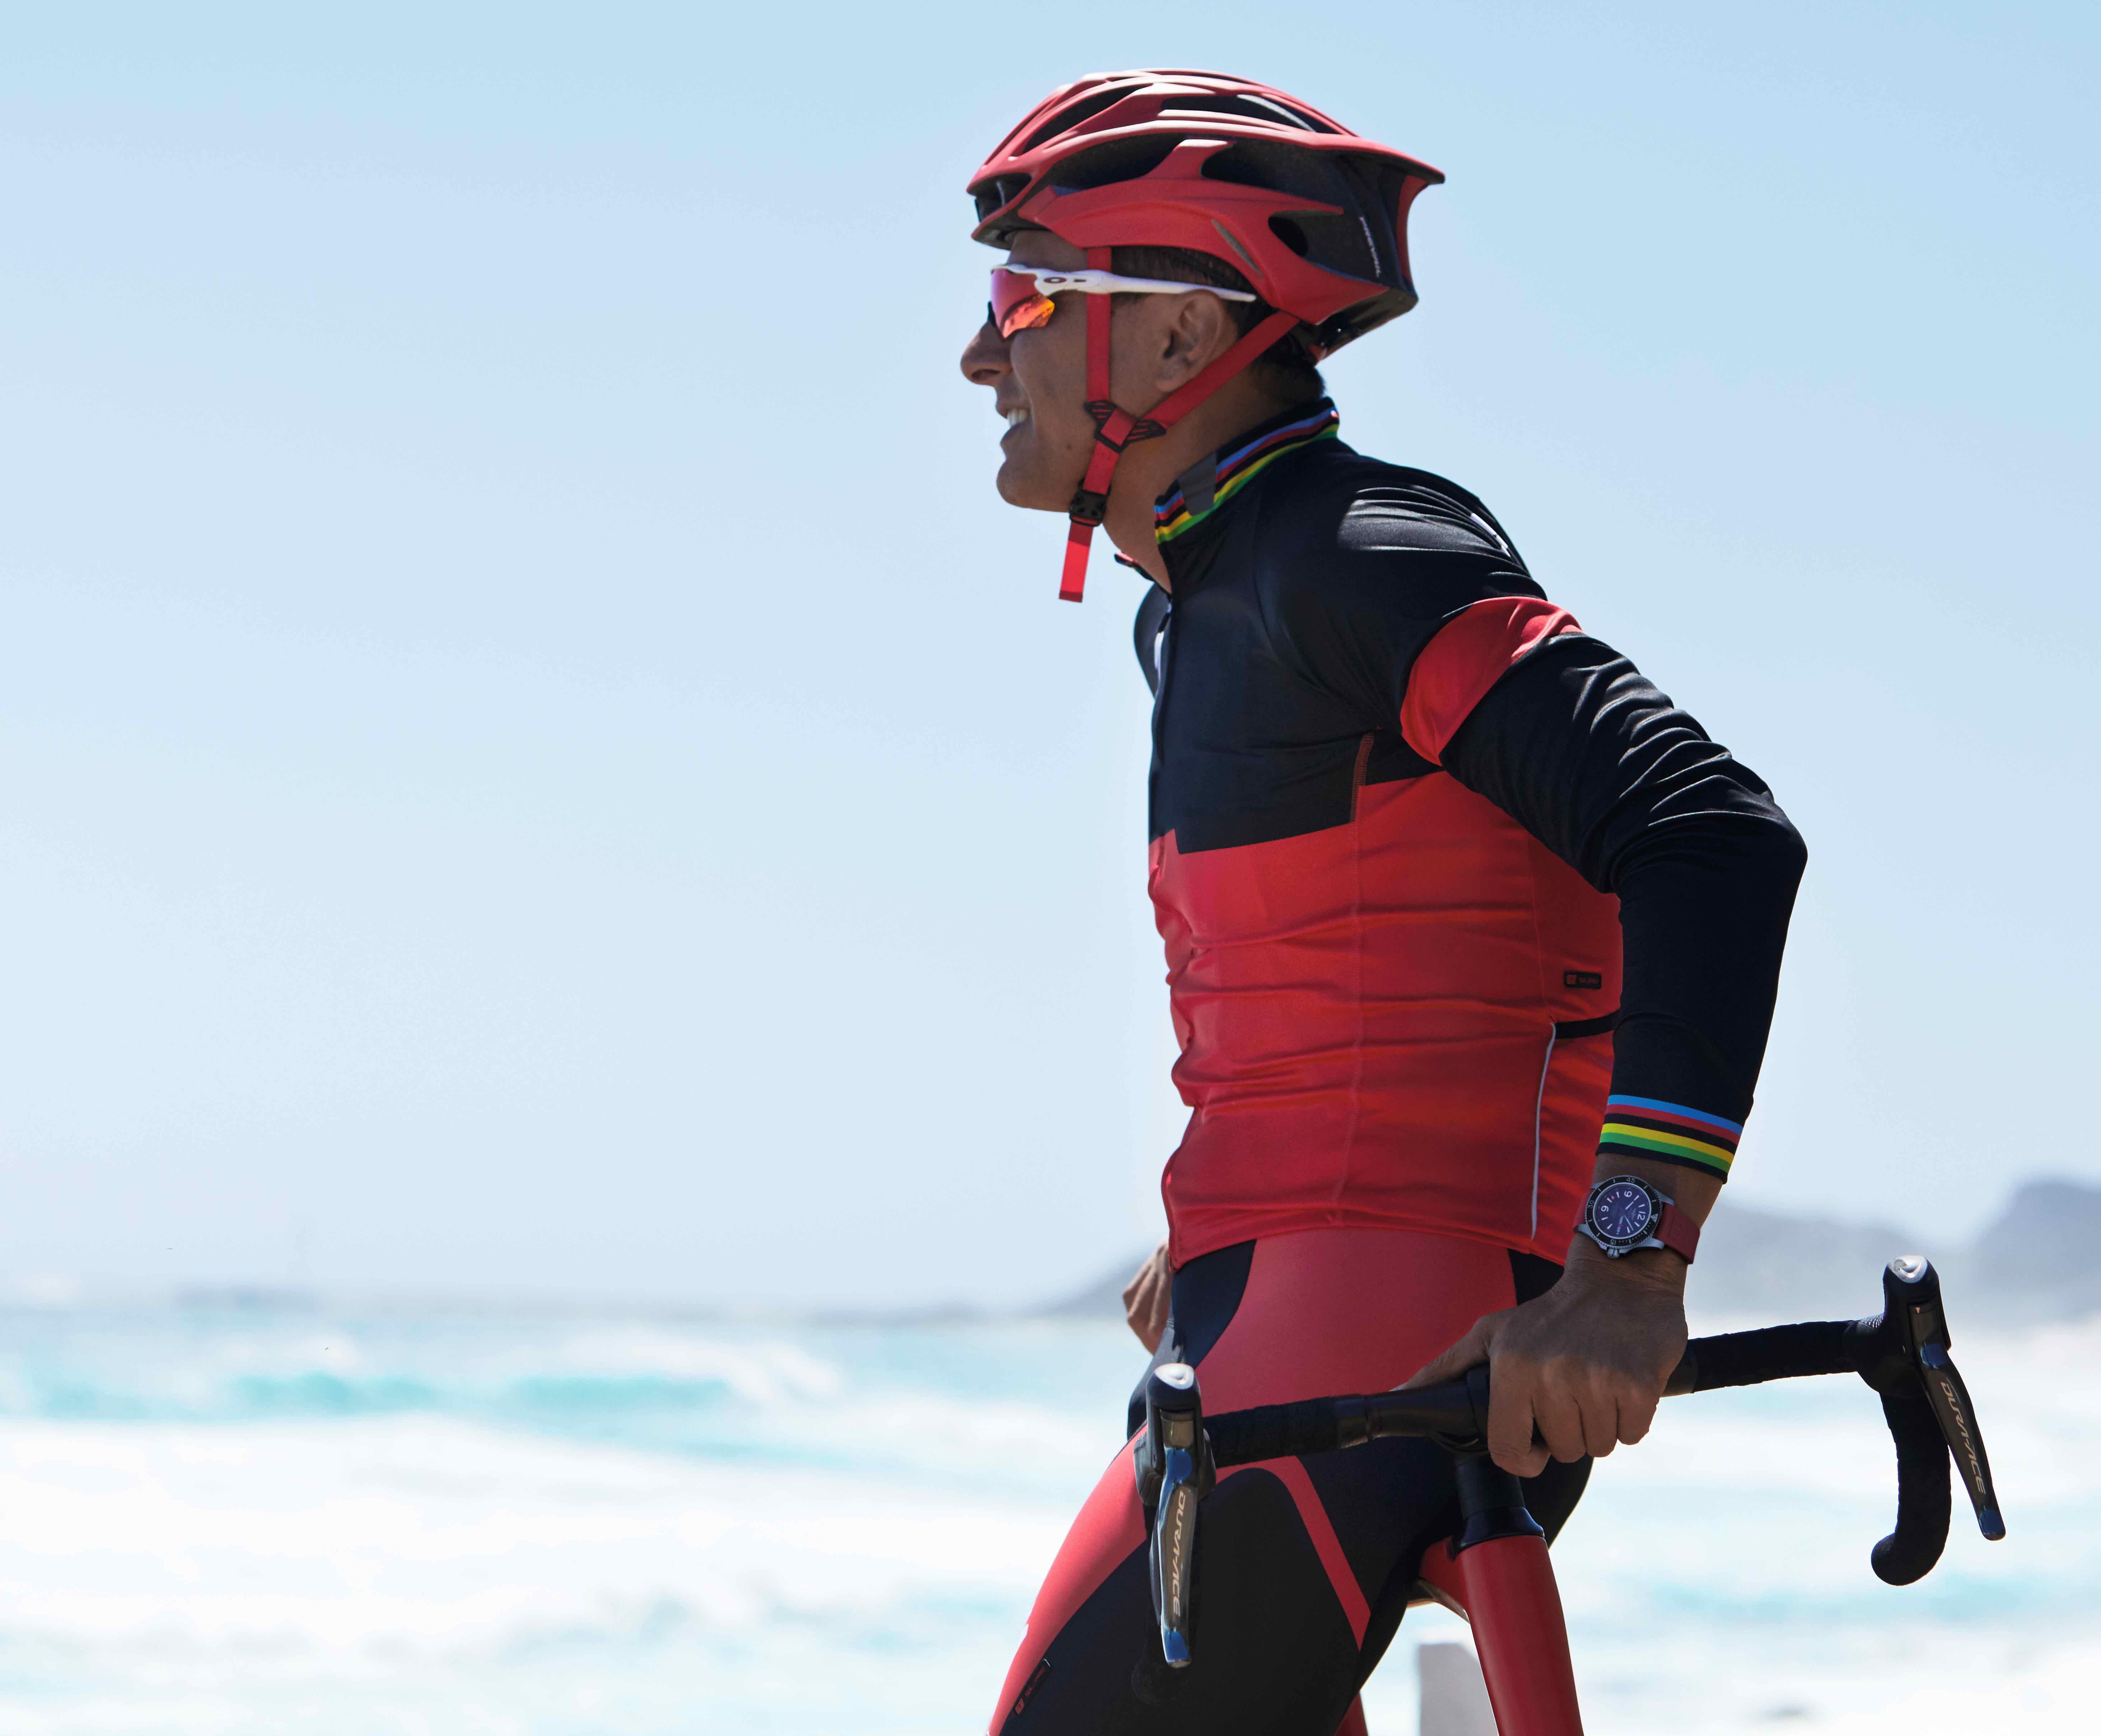 Breitling i samarbete med Ironman Chris Mccromack